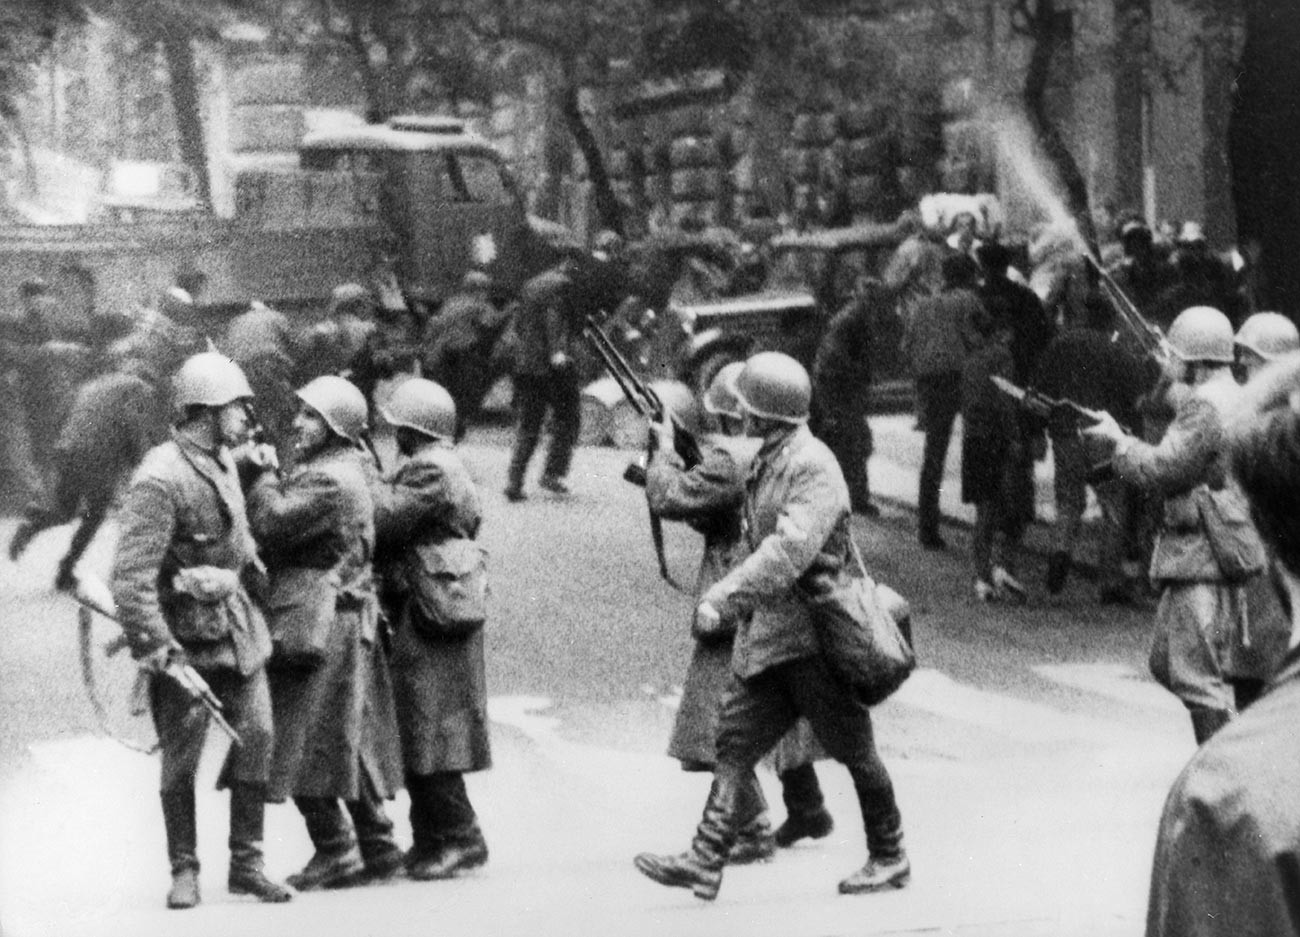 Praška pomlad – Invazija sil držav Varšavskega pakta na Češkoslovaško